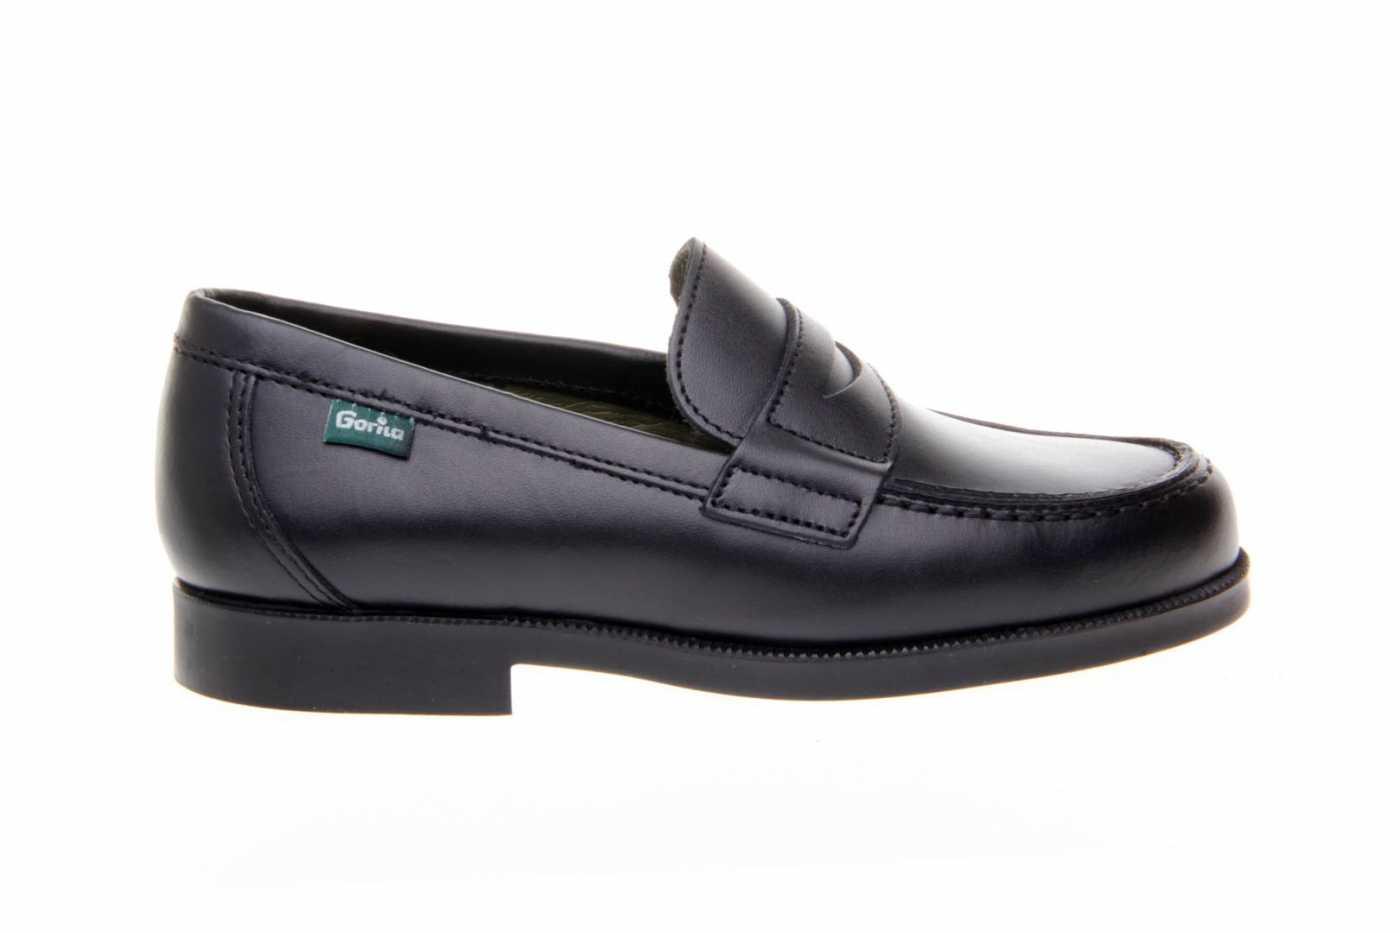 2d6c529a3 Comprar zapato tipo JOVEN NIÑO estilo MOCASIN COLOR NEGRO PIEL ...